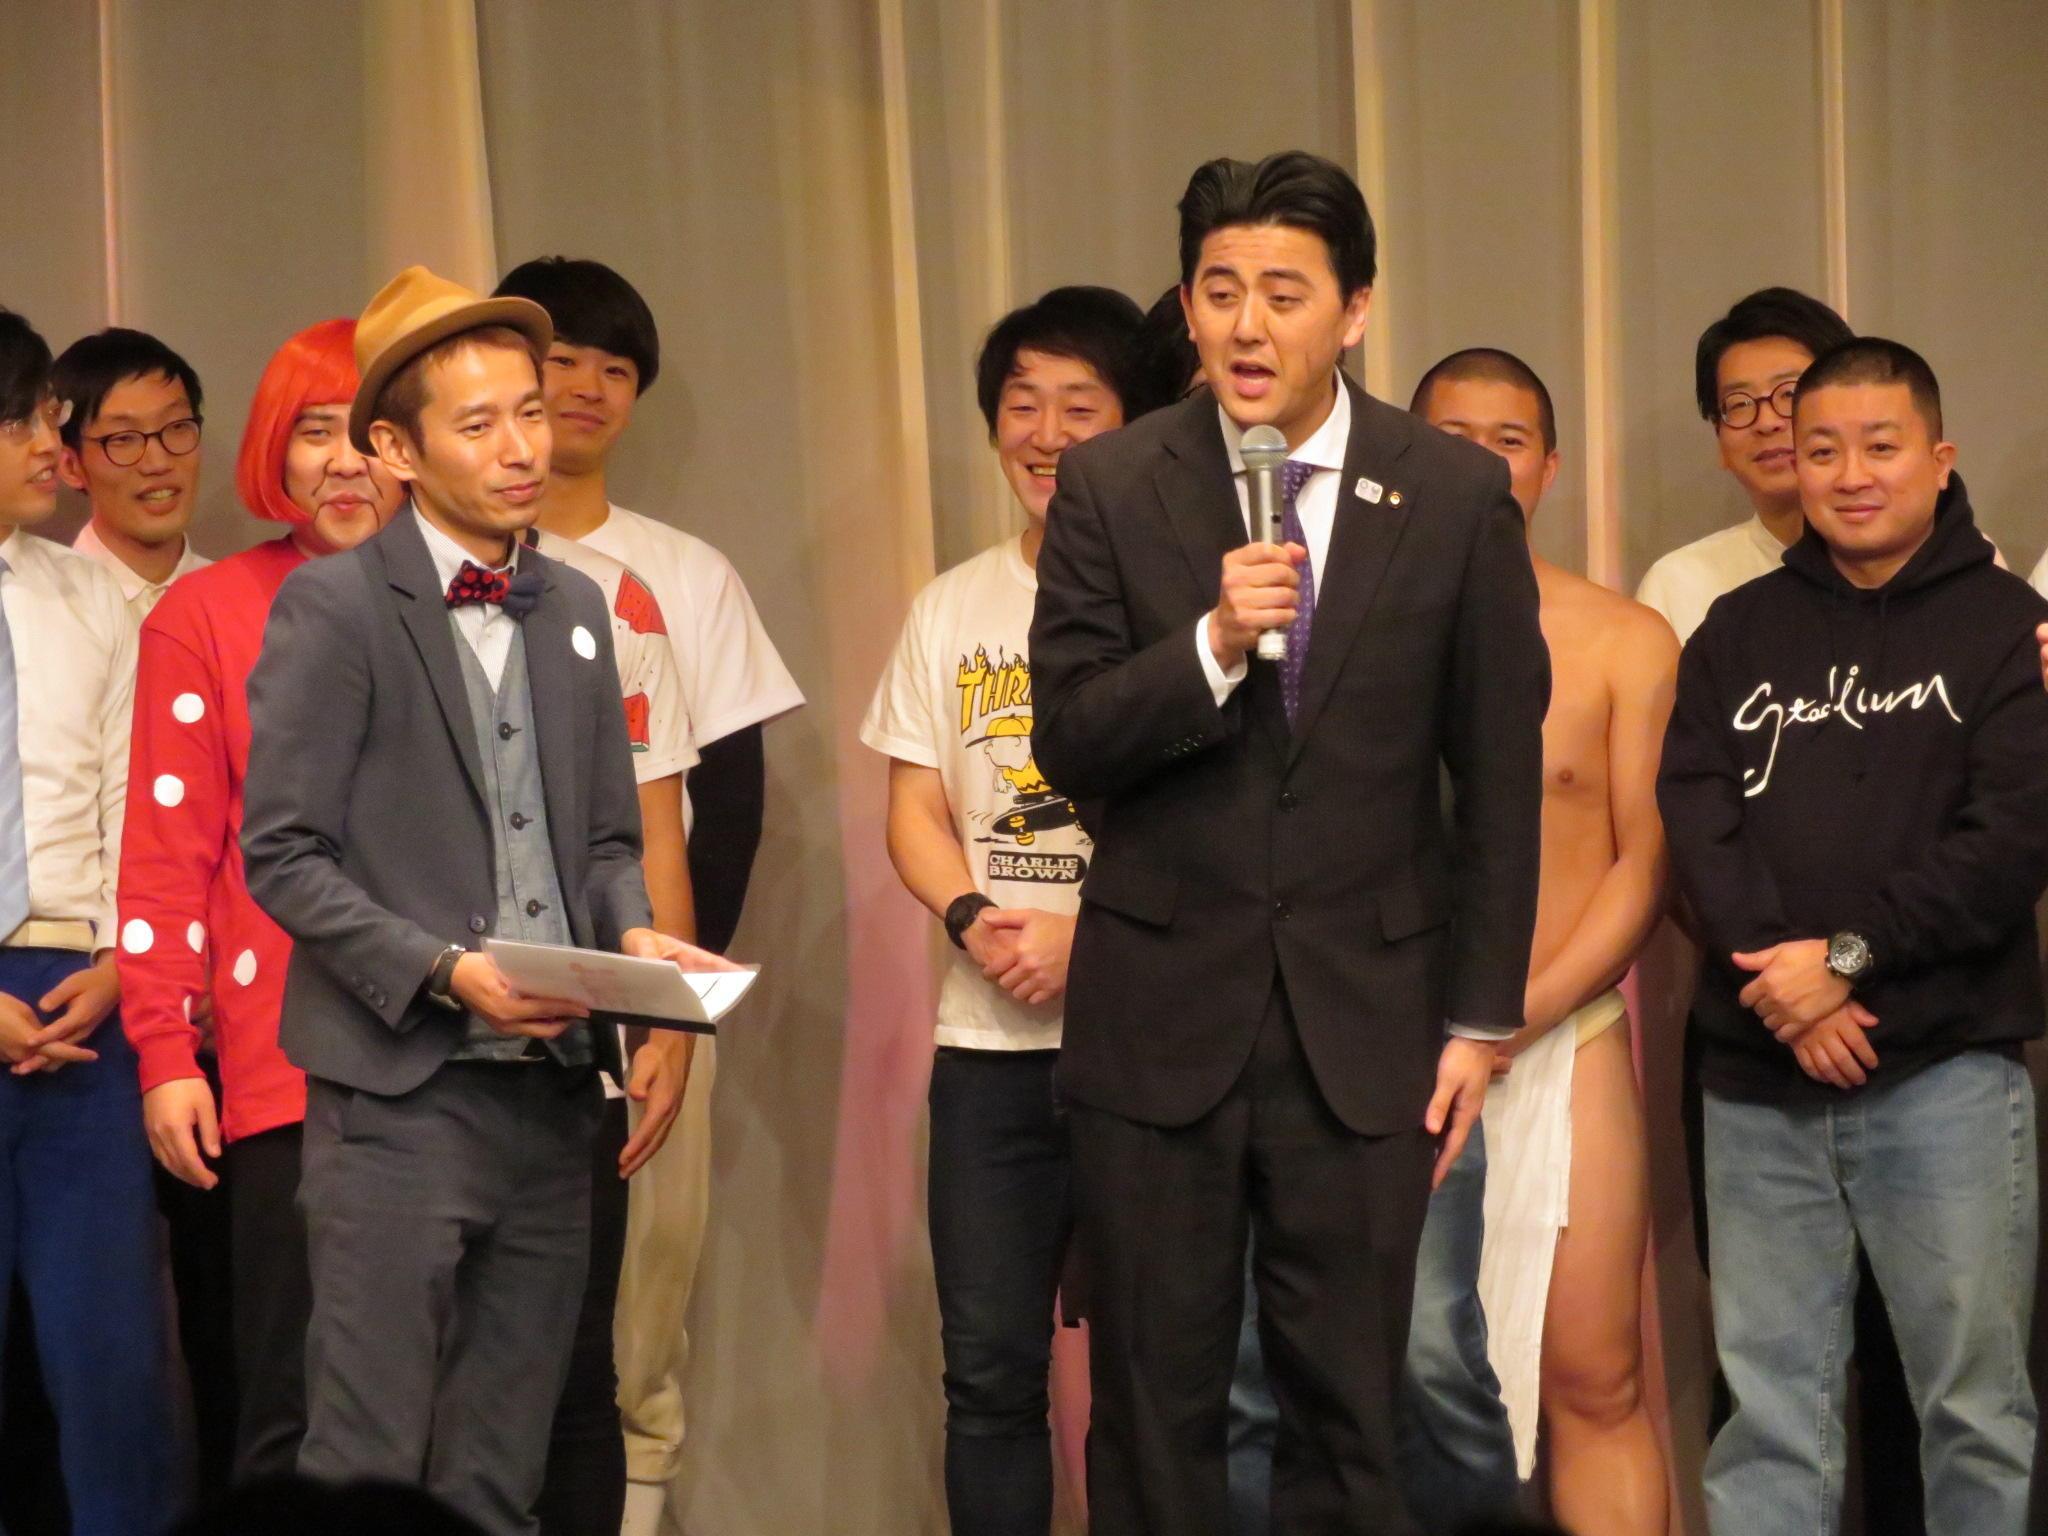 http://news.yoshimoto.co.jp/20180110191507-fb252e83ed36c2626f1b01029e794a4e51357c75.jpg